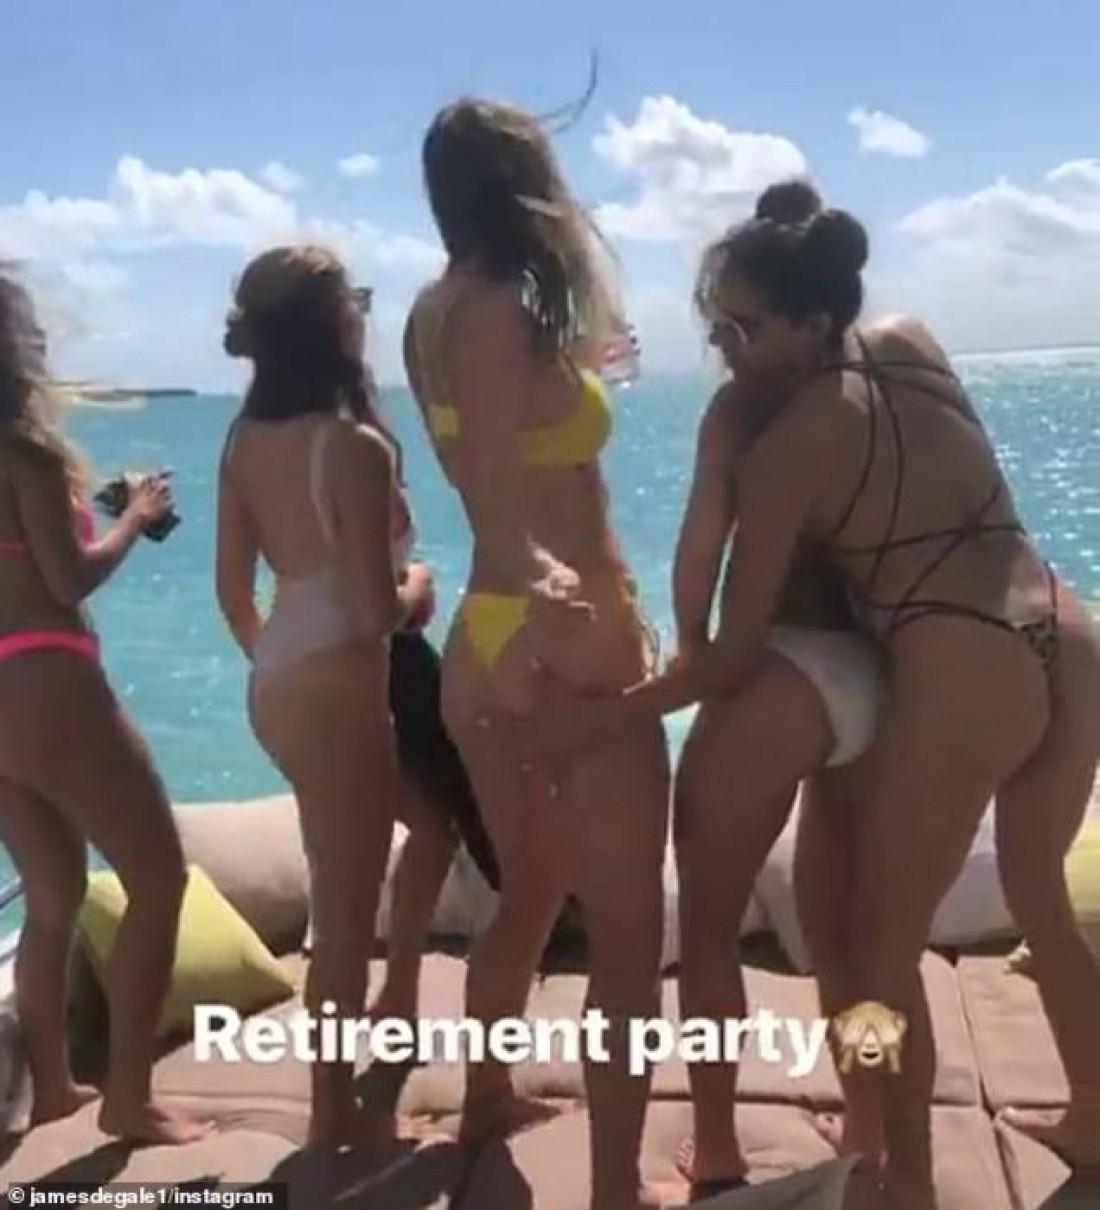 Джеймс Дигейл устроил вечеринку в честь завершения карьеры